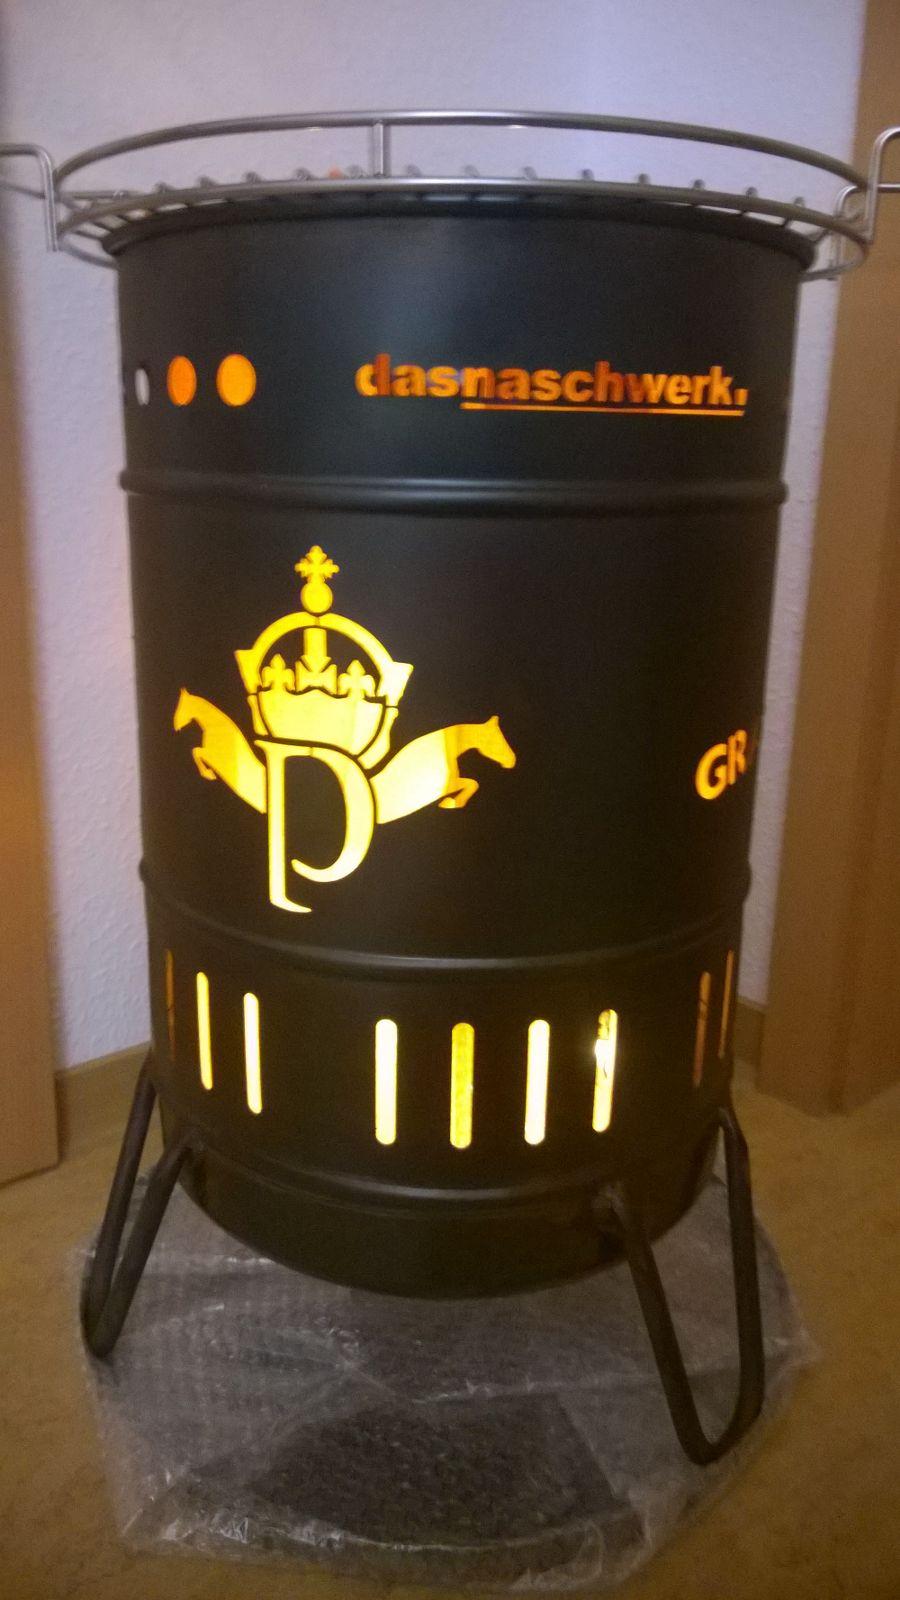 Stahlbude Feuerkorb 50 Liter das Naschwerk Logo